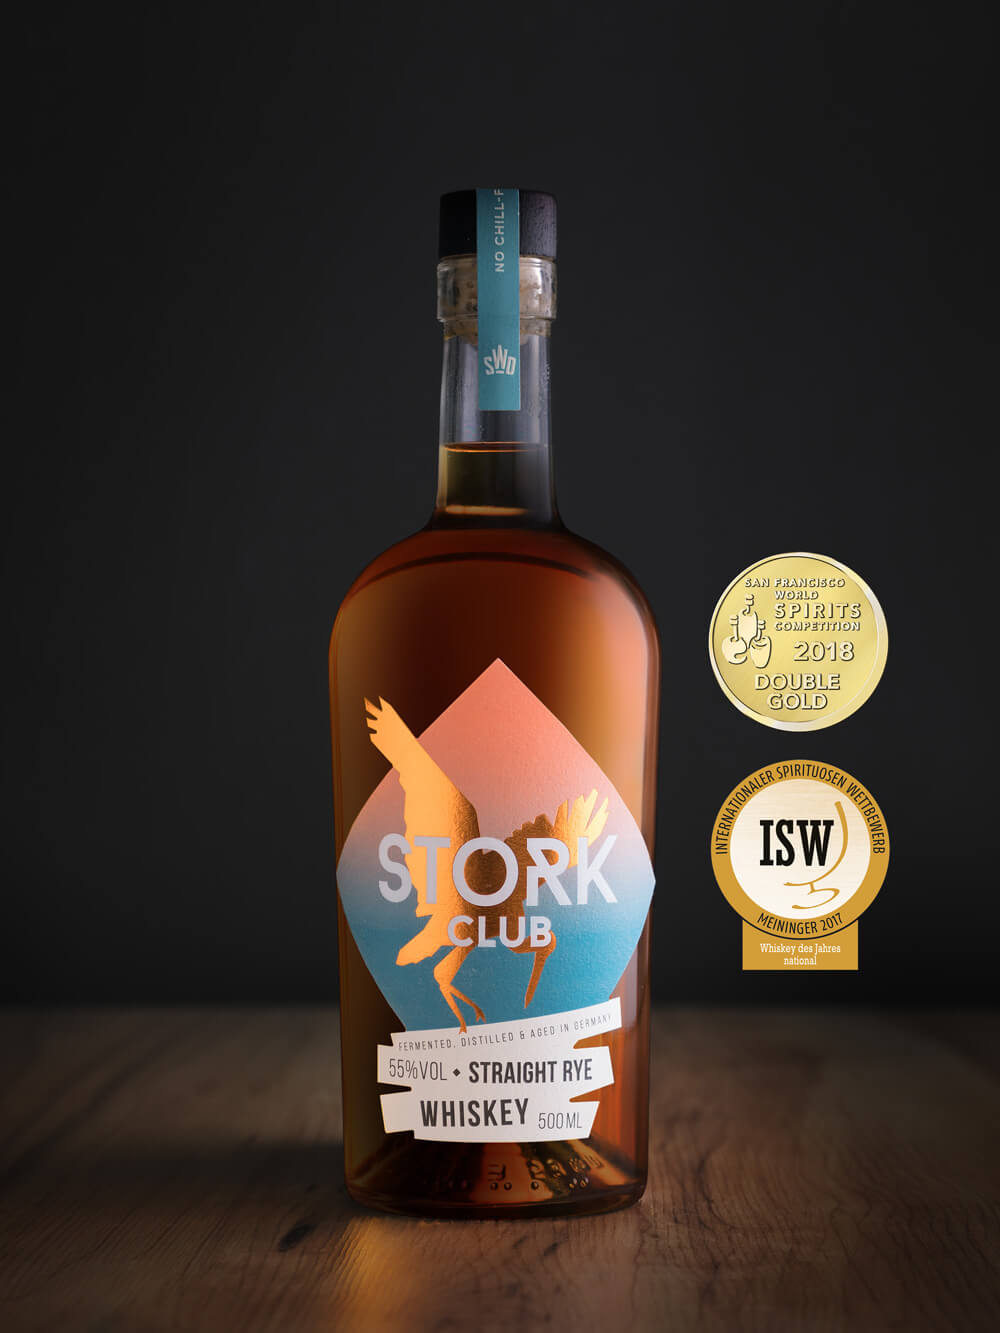 Stork Club Whisky - Full Proof Rye Whiskey